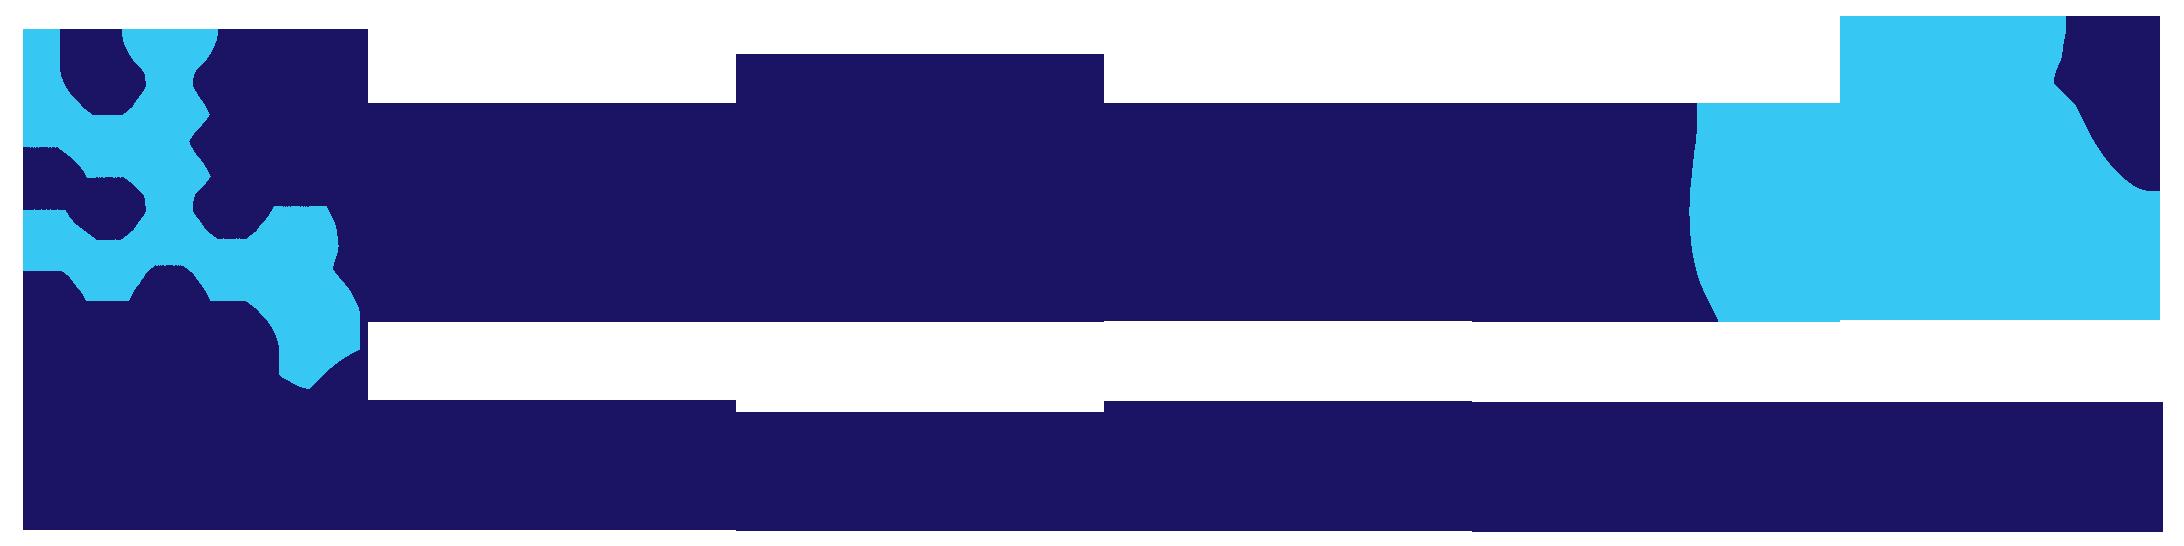 Automai AppsWatch logo